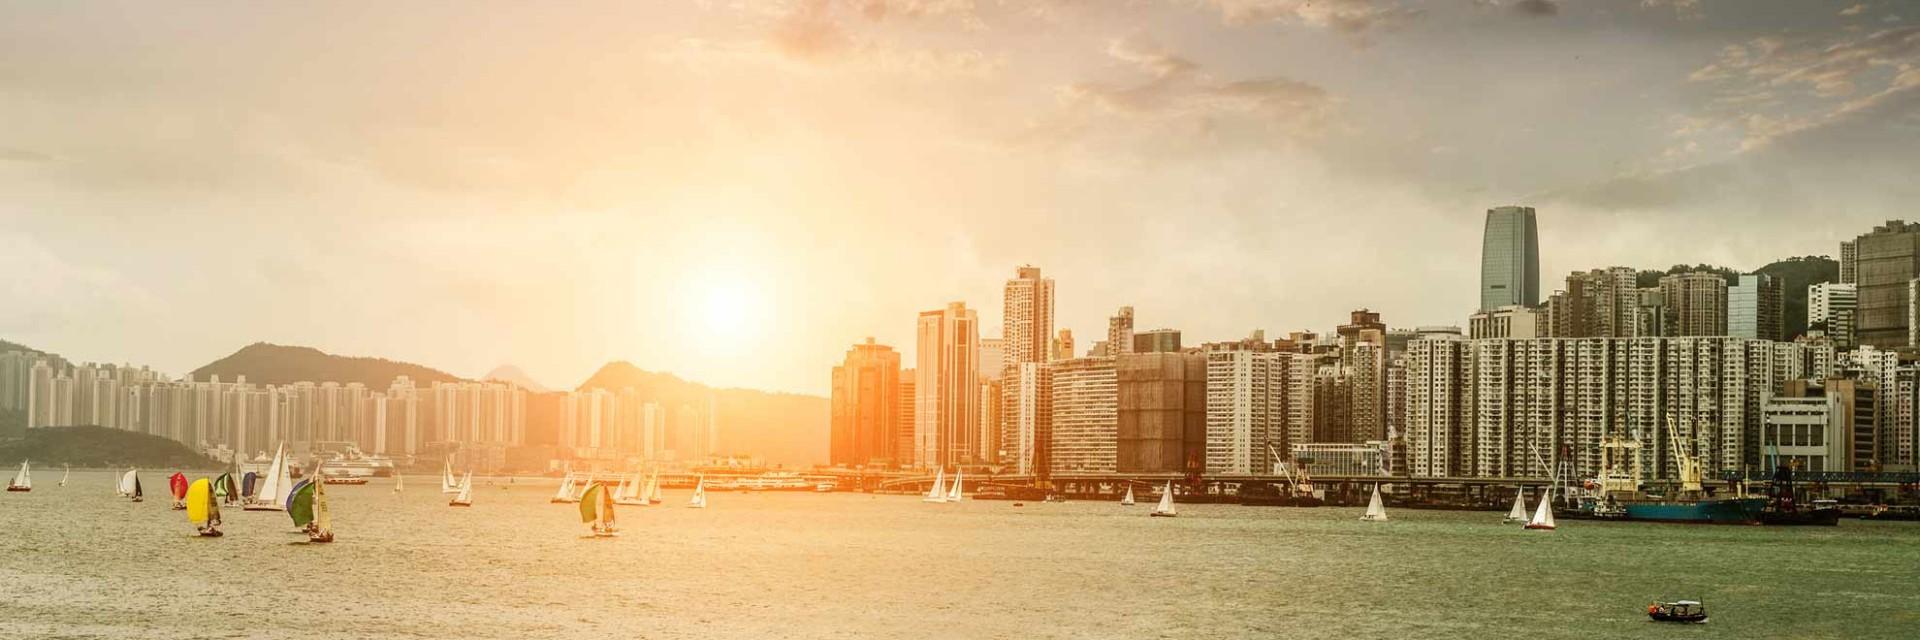 Přinášíme globalizaci do existujících startupů